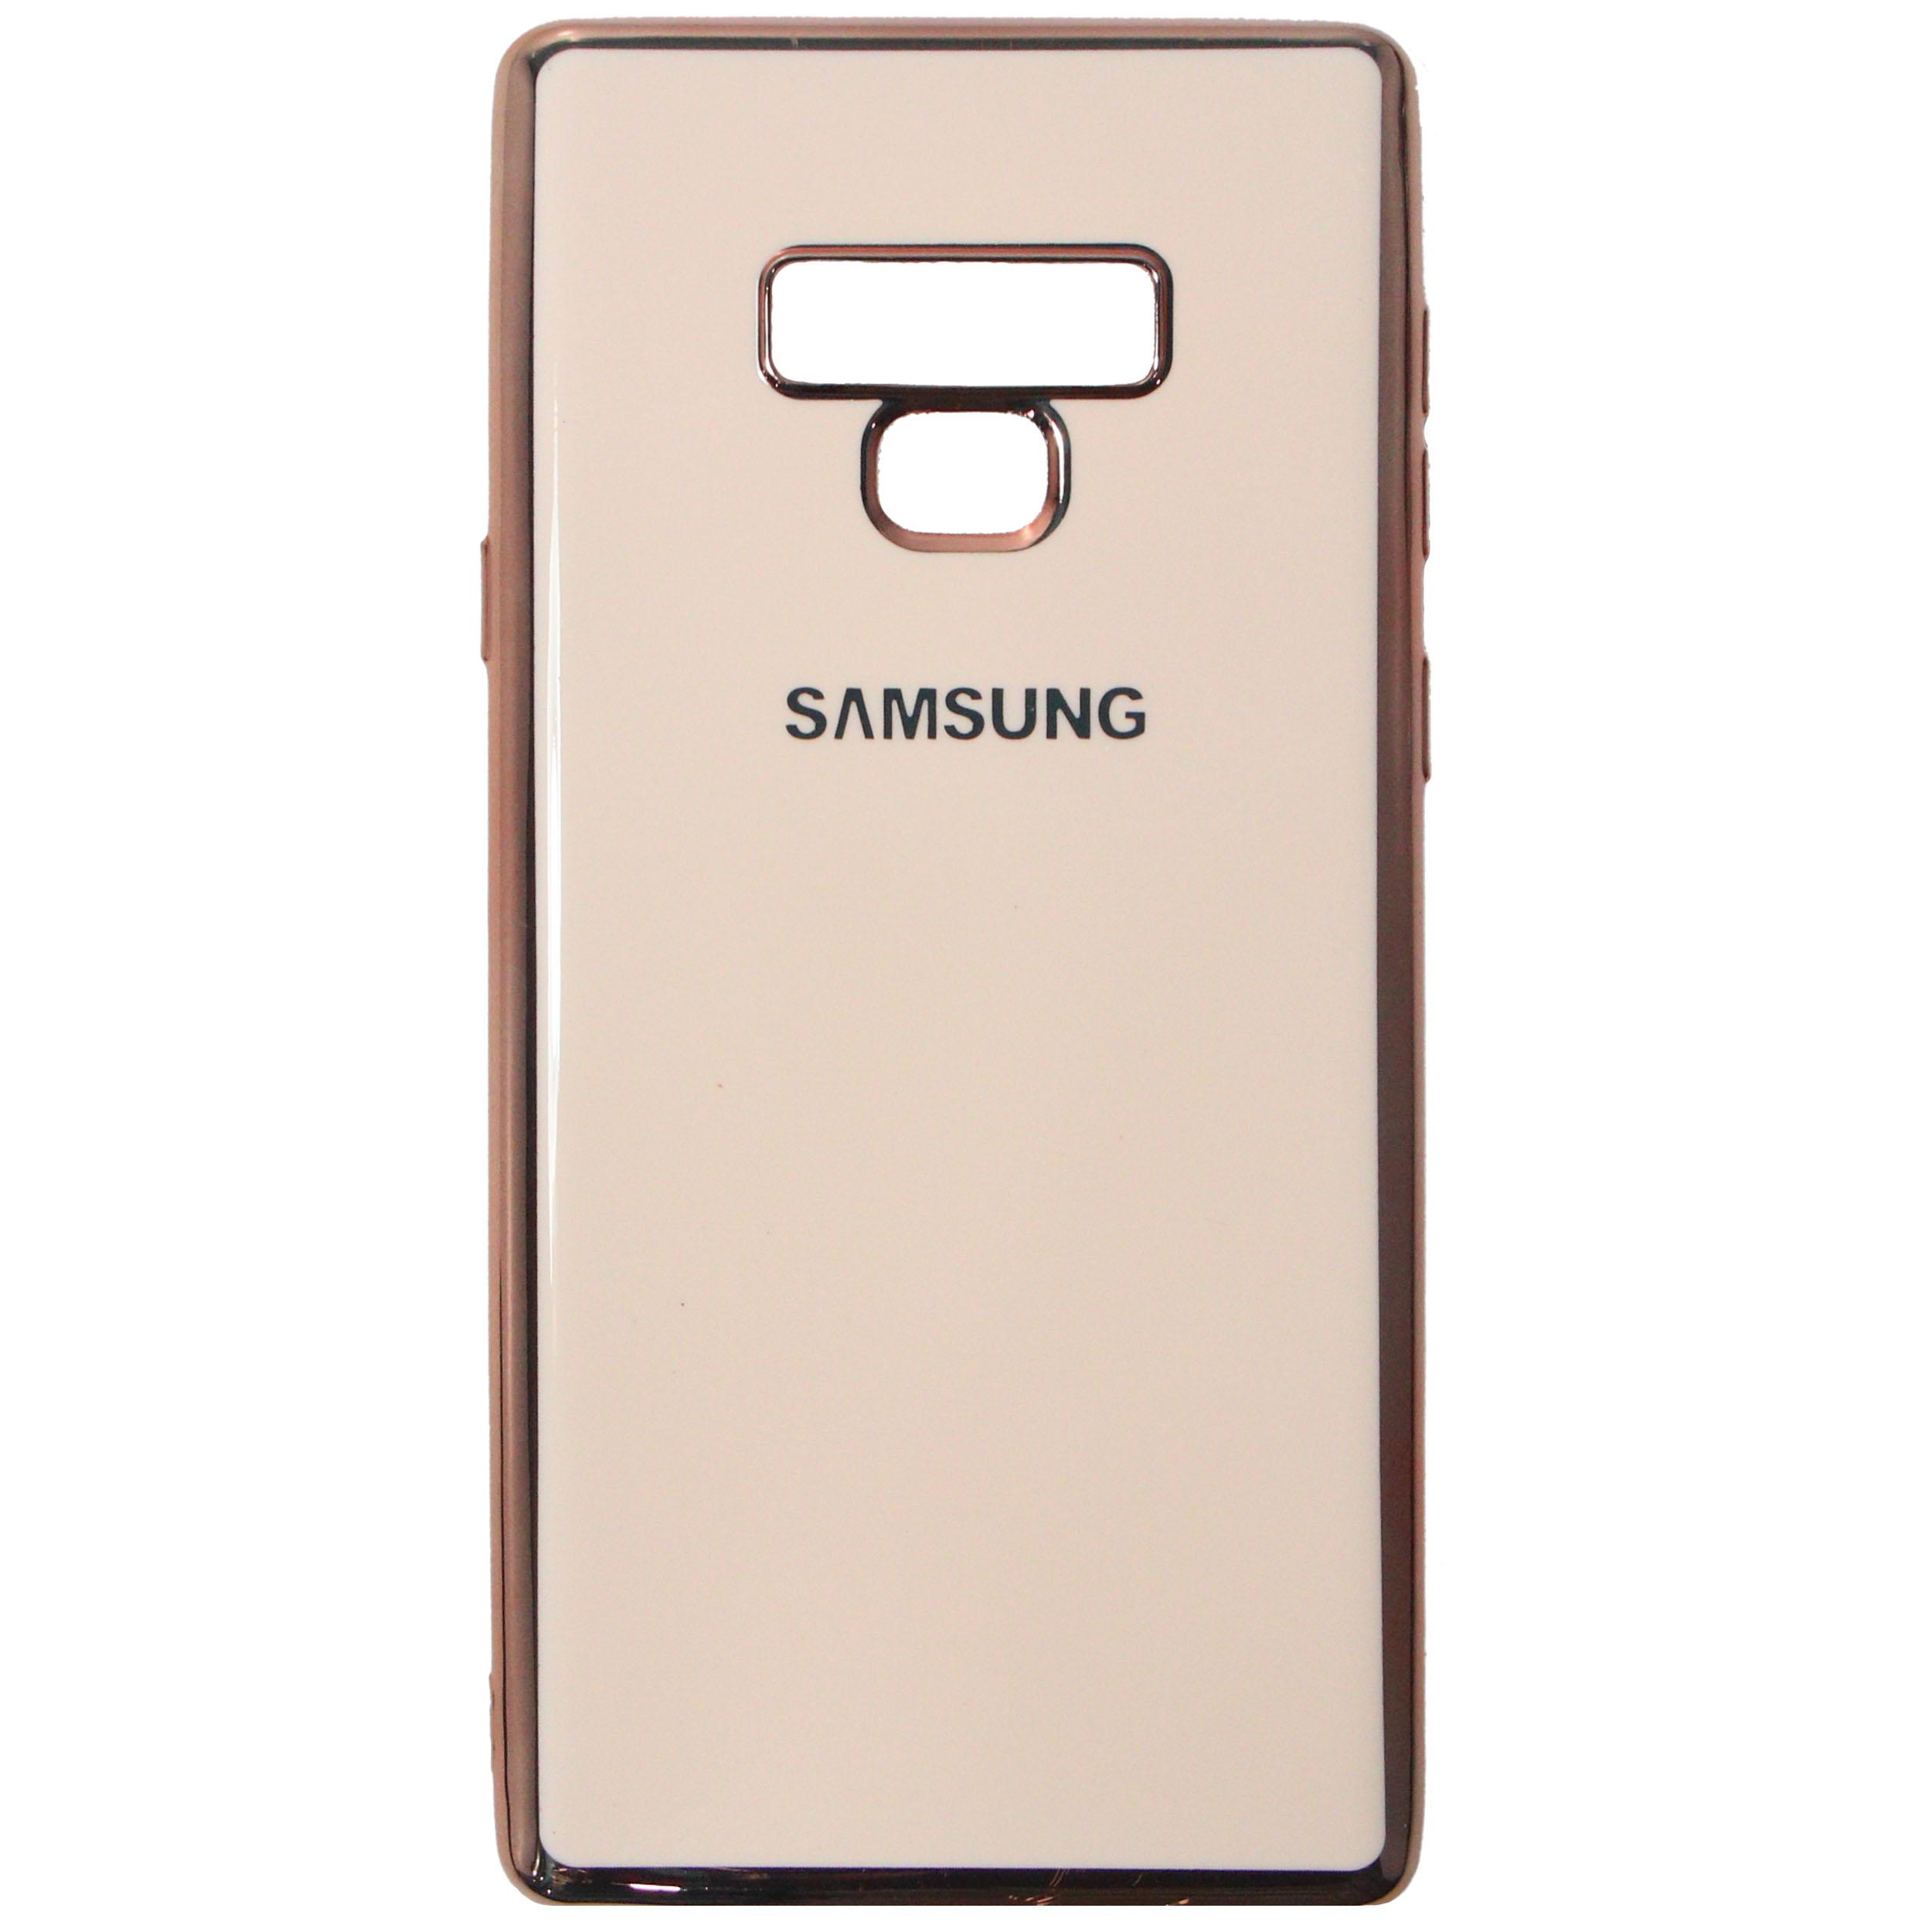 کاور مدل y9 مناسب برای گوشی موبایل سامسونگ Galaxy Note 9